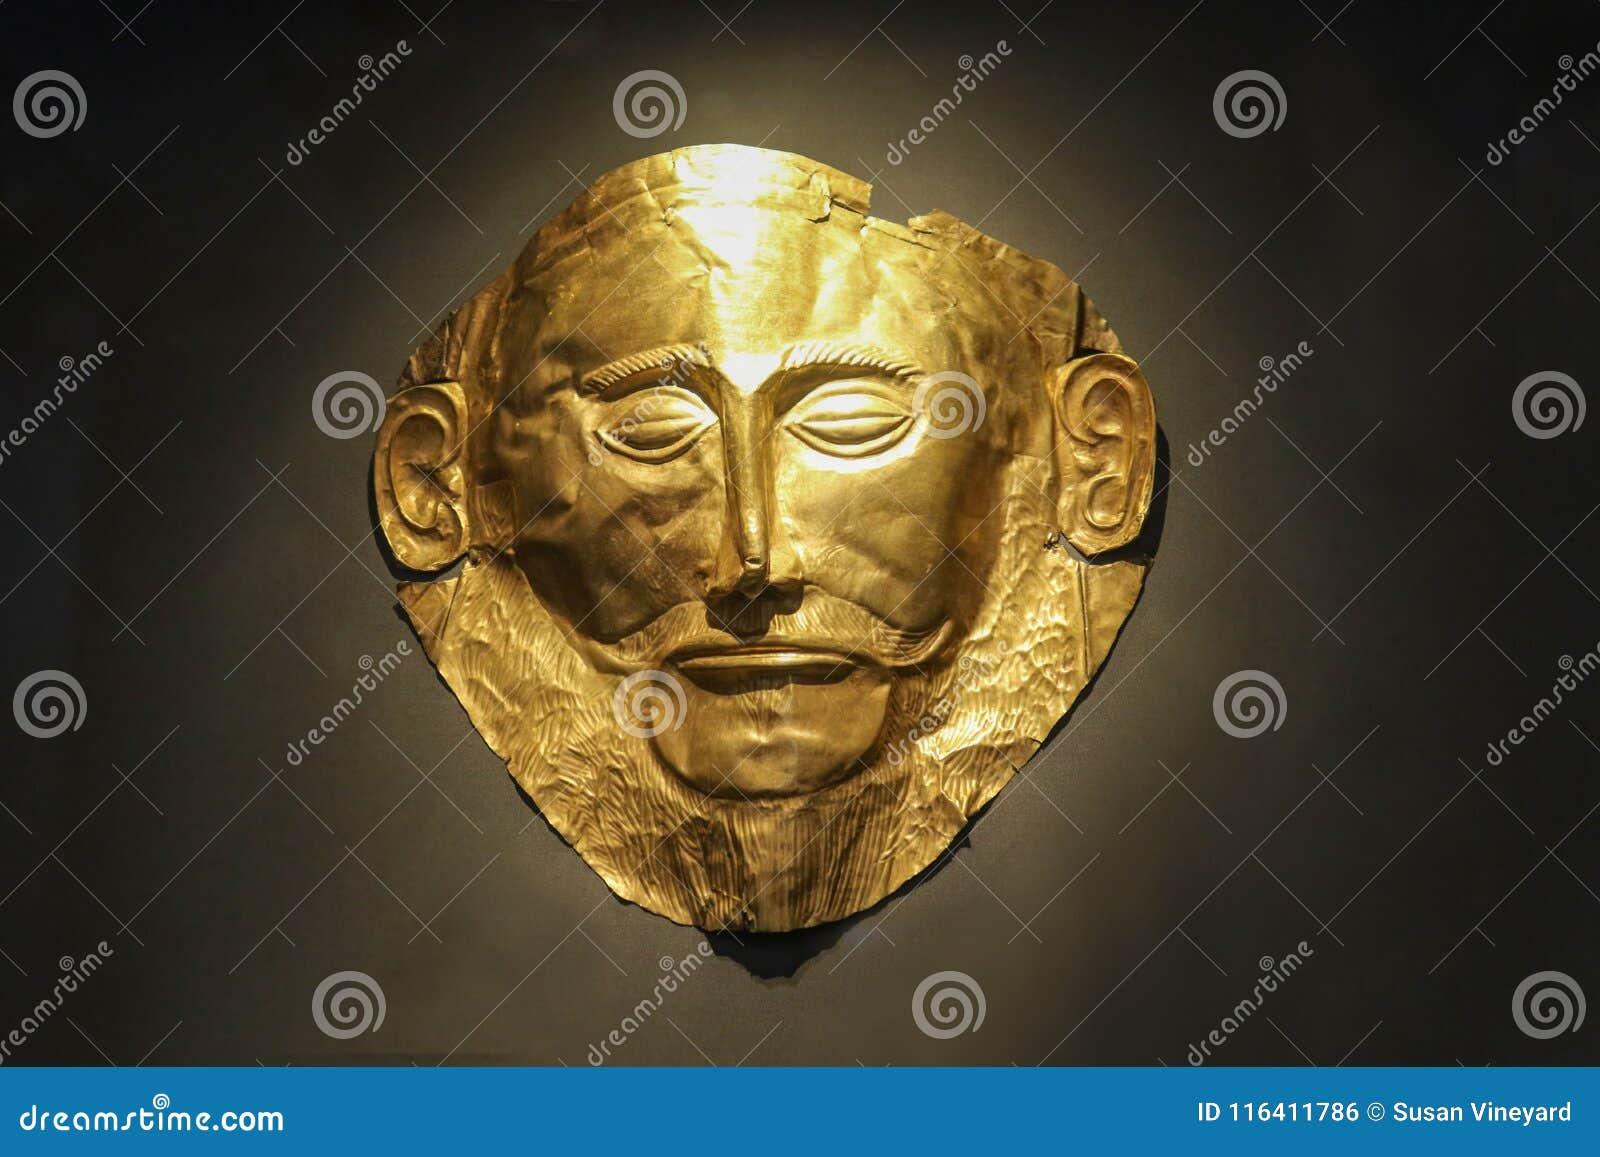 Máscara fúnebre dourada de Agamemnon Atenas Grécia 01 04 2018